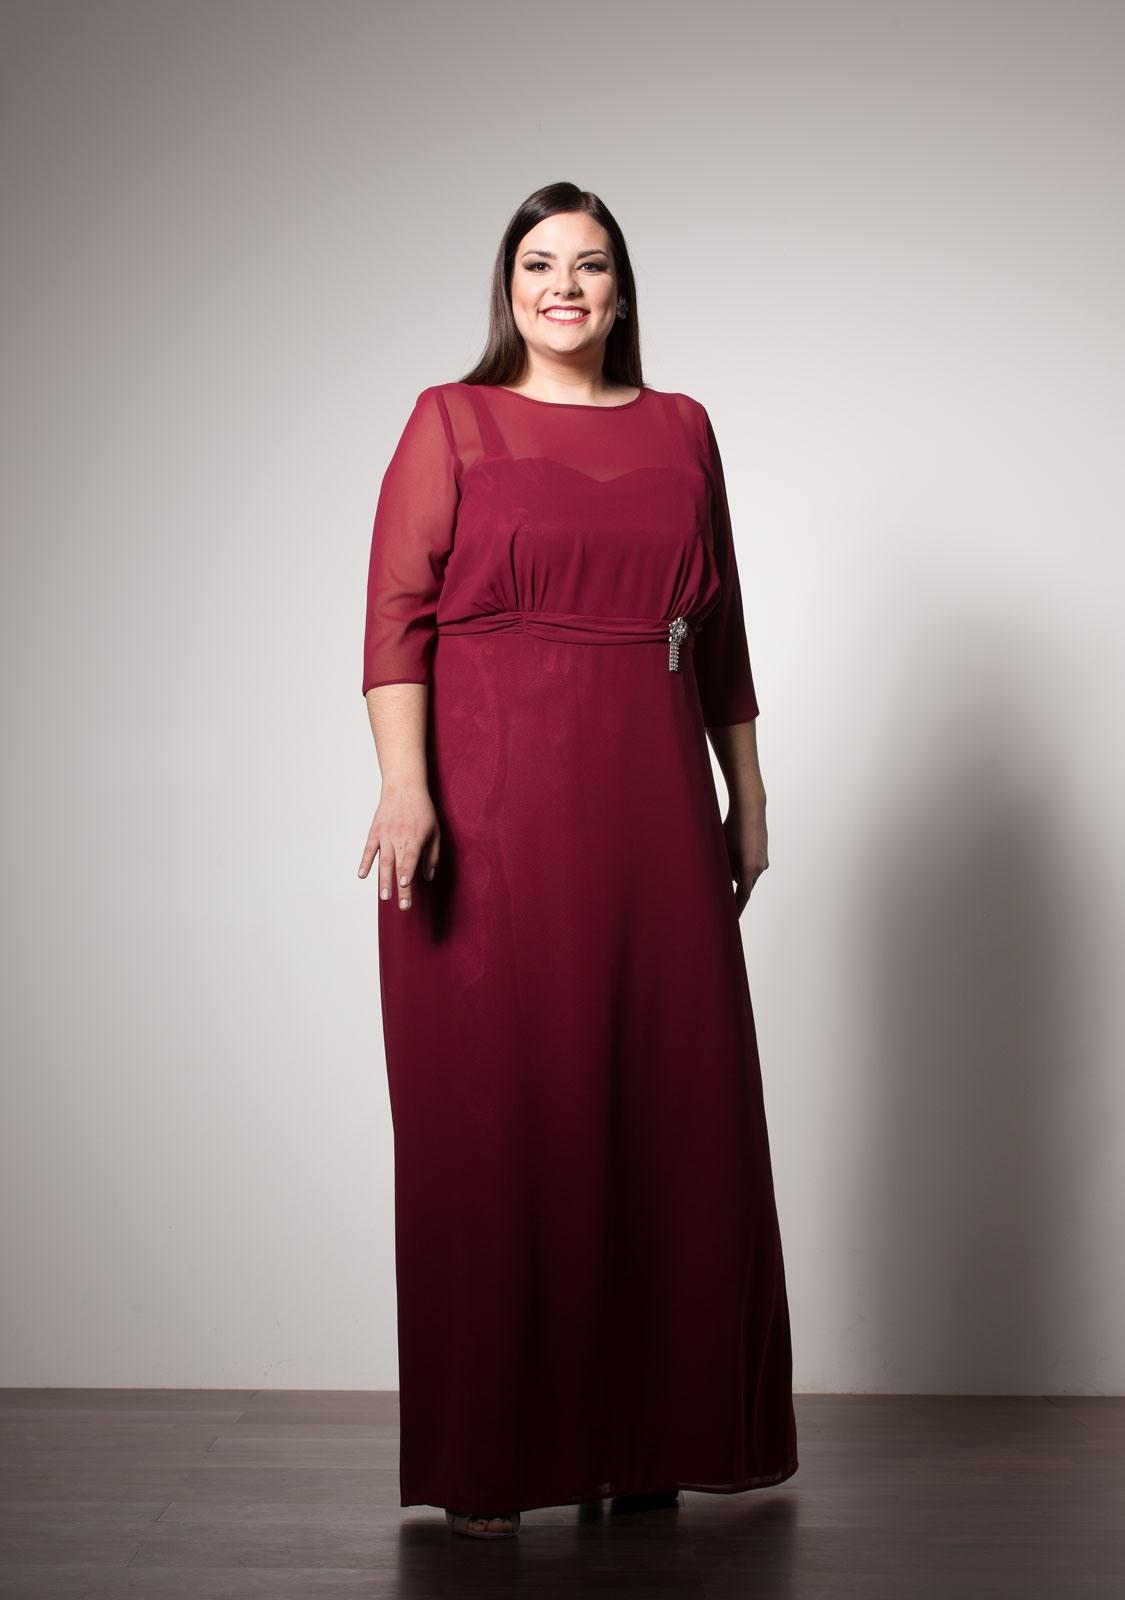 Abend Einzigartig Abendkleider Übergrößen Stylish13 Leicht Abendkleider Übergrößen Boutique